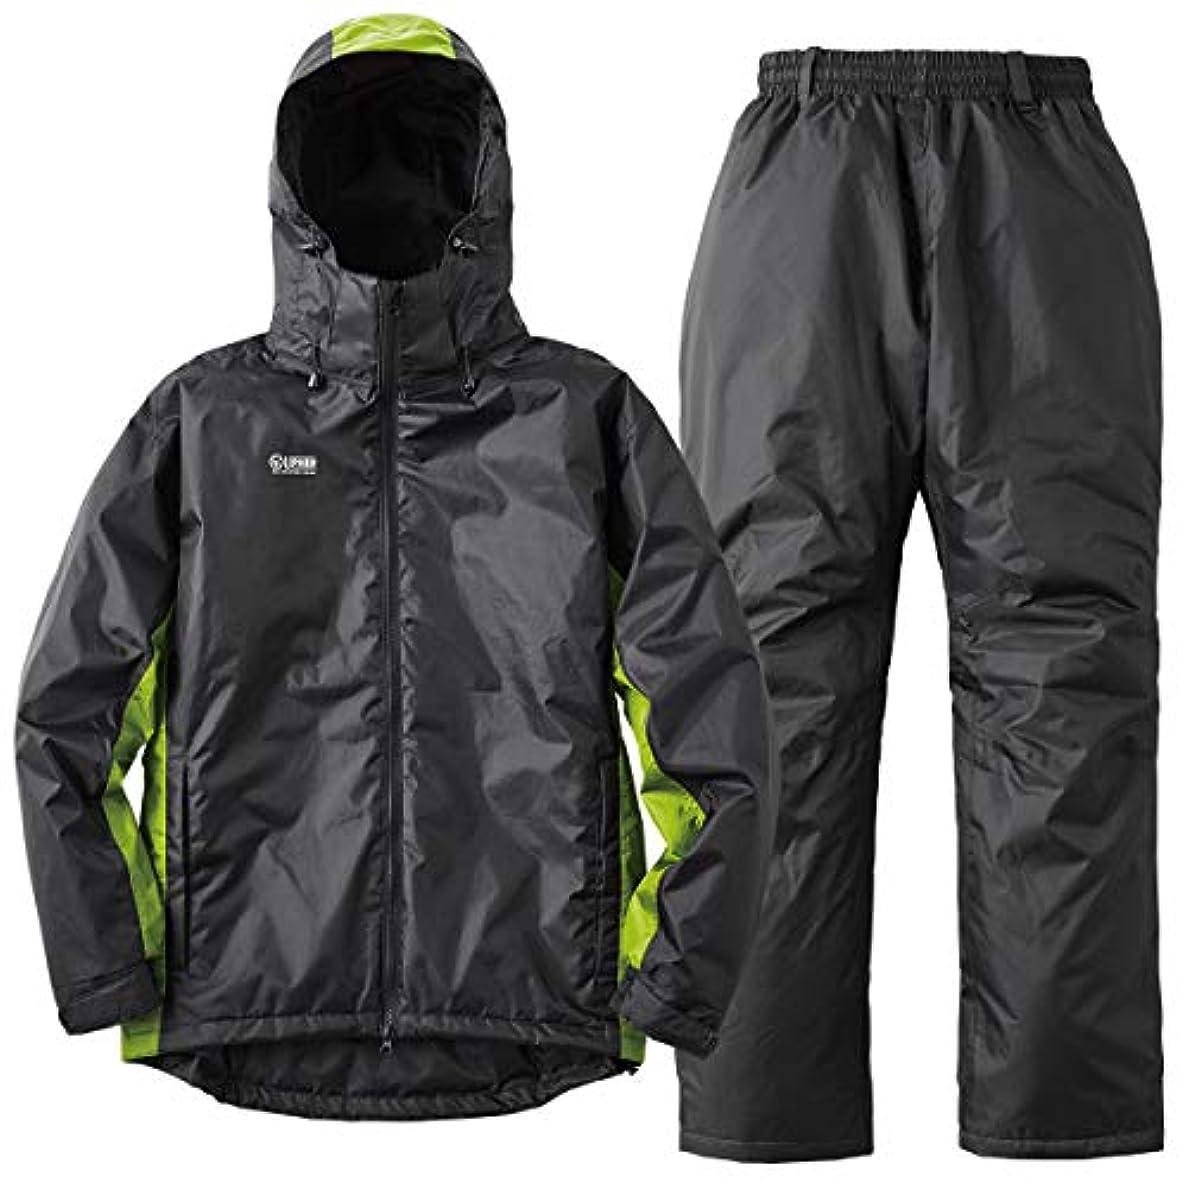 任命のためにスポーツの試合を担当している人リプナー(LIPNER) 防水防寒スーツ ステイシー